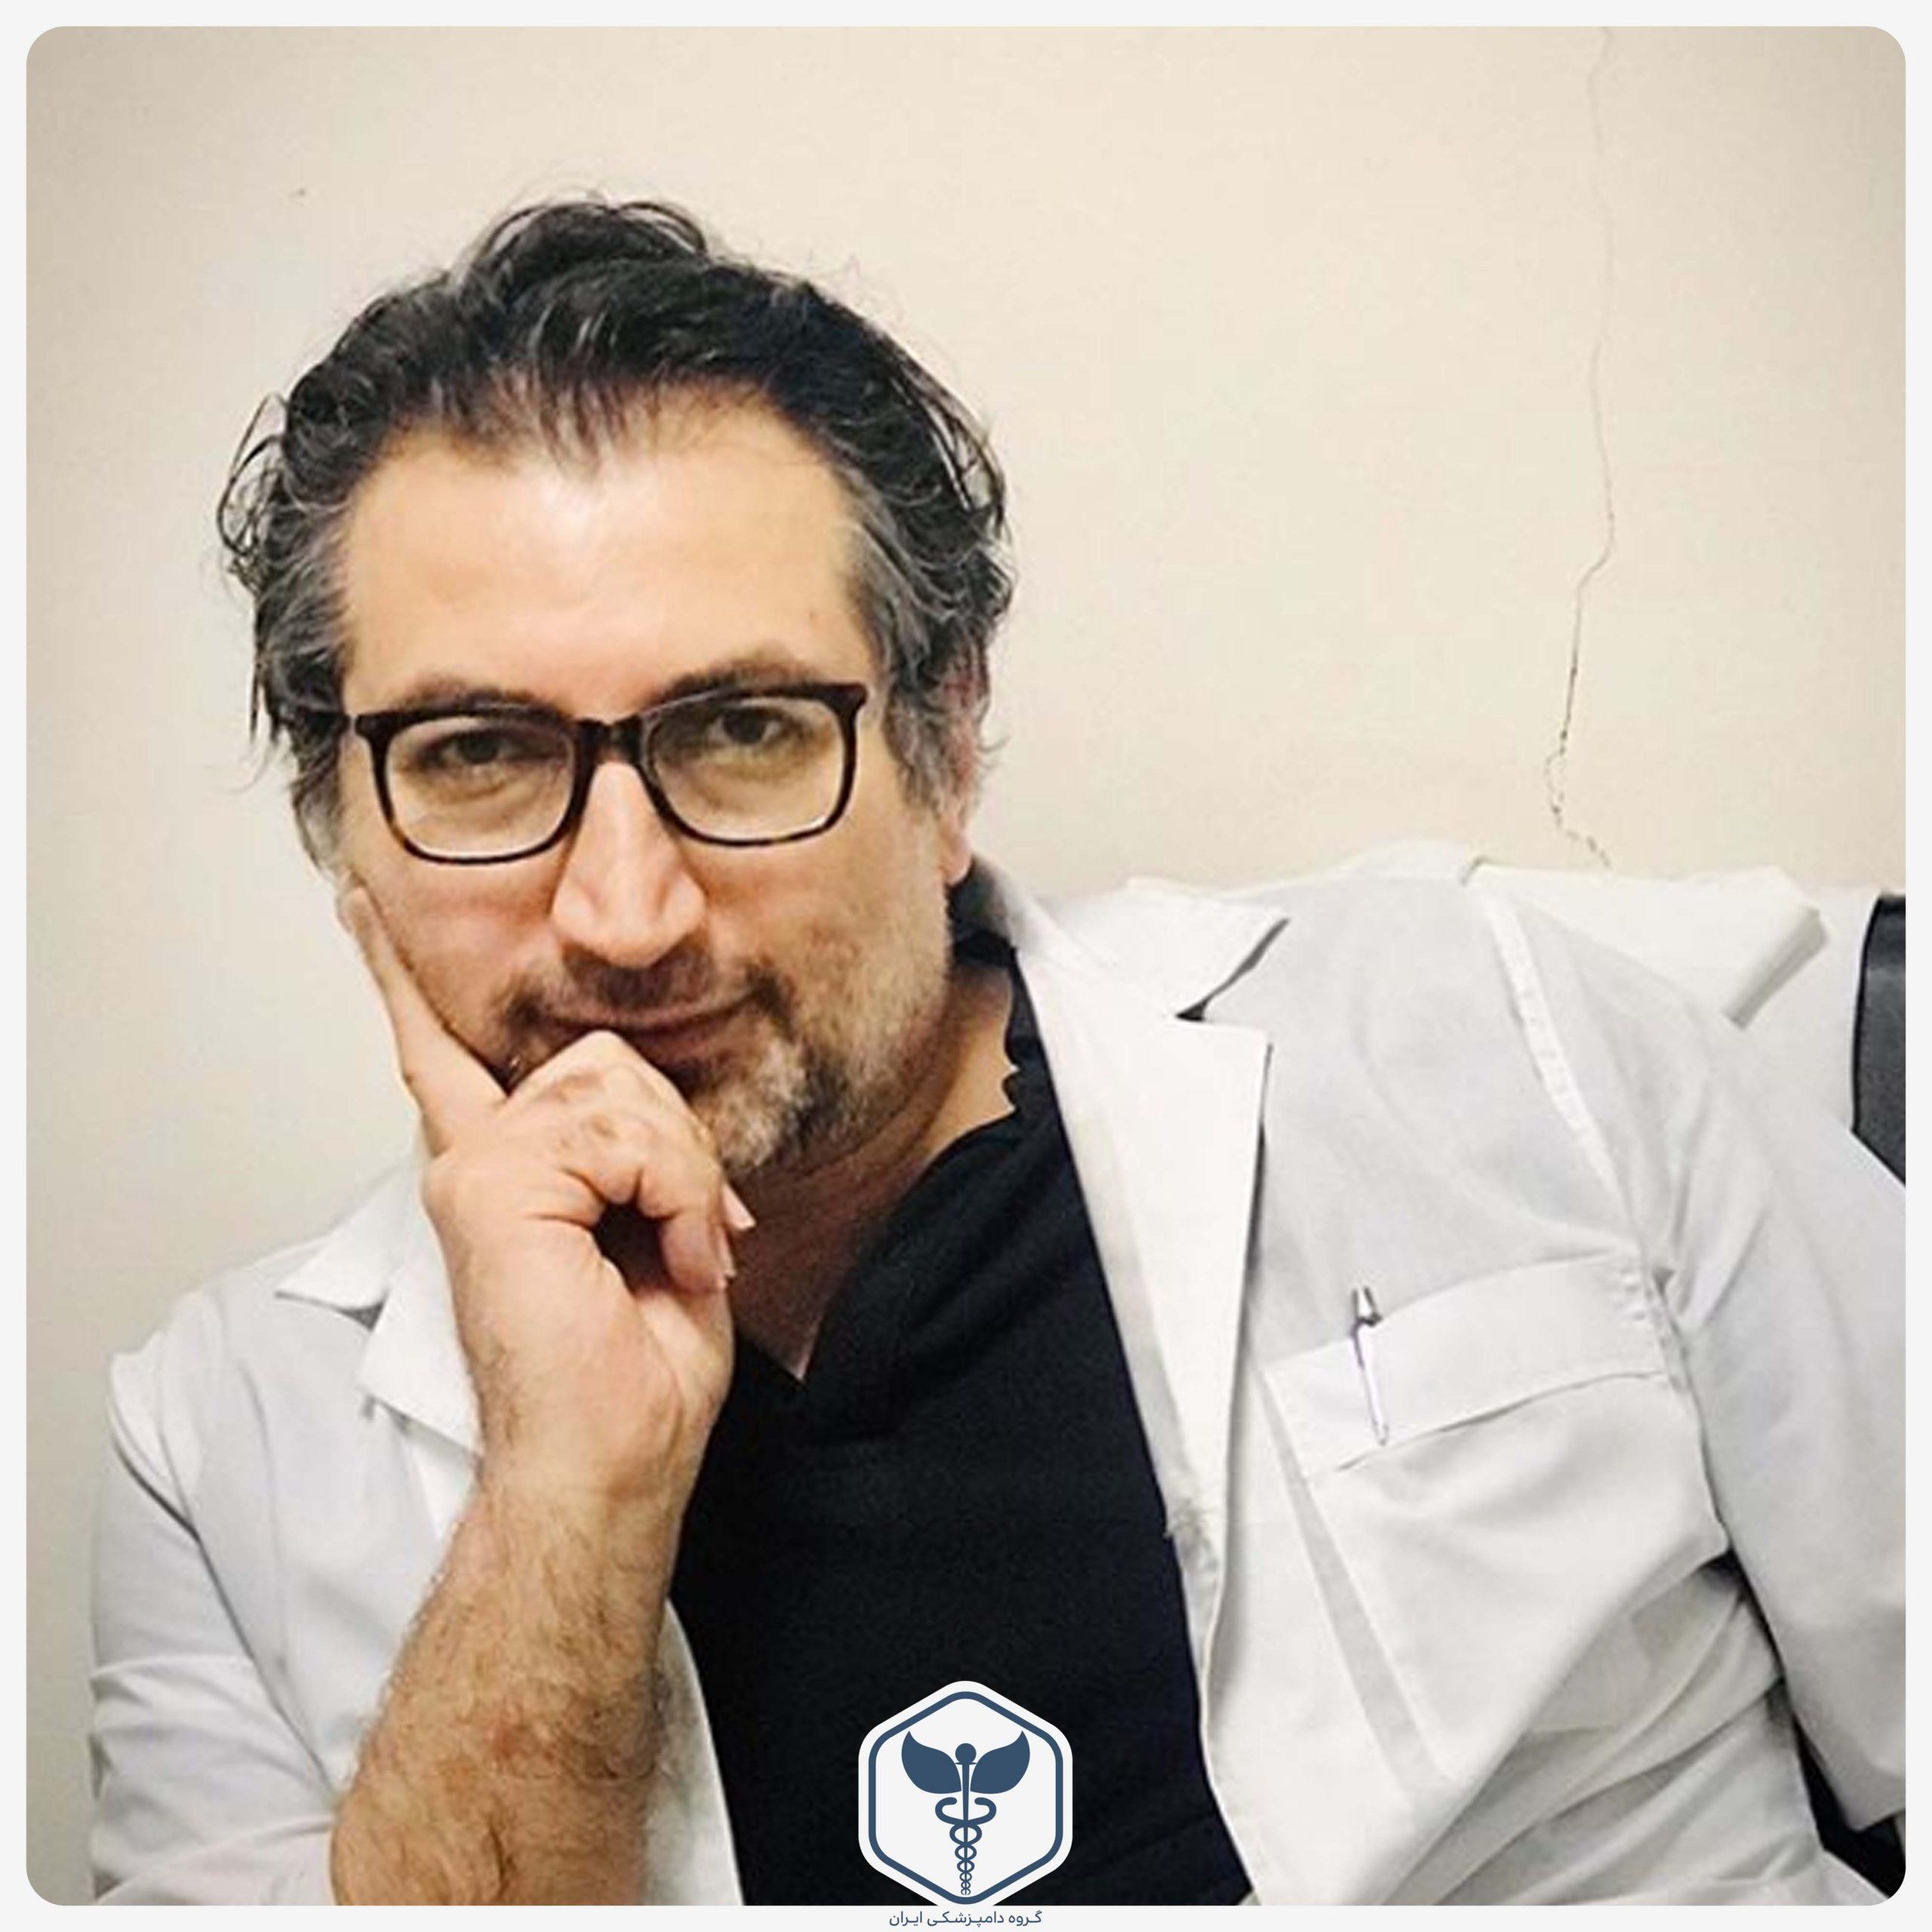 دکتر محمد ملازم؛ رادیولوژیست